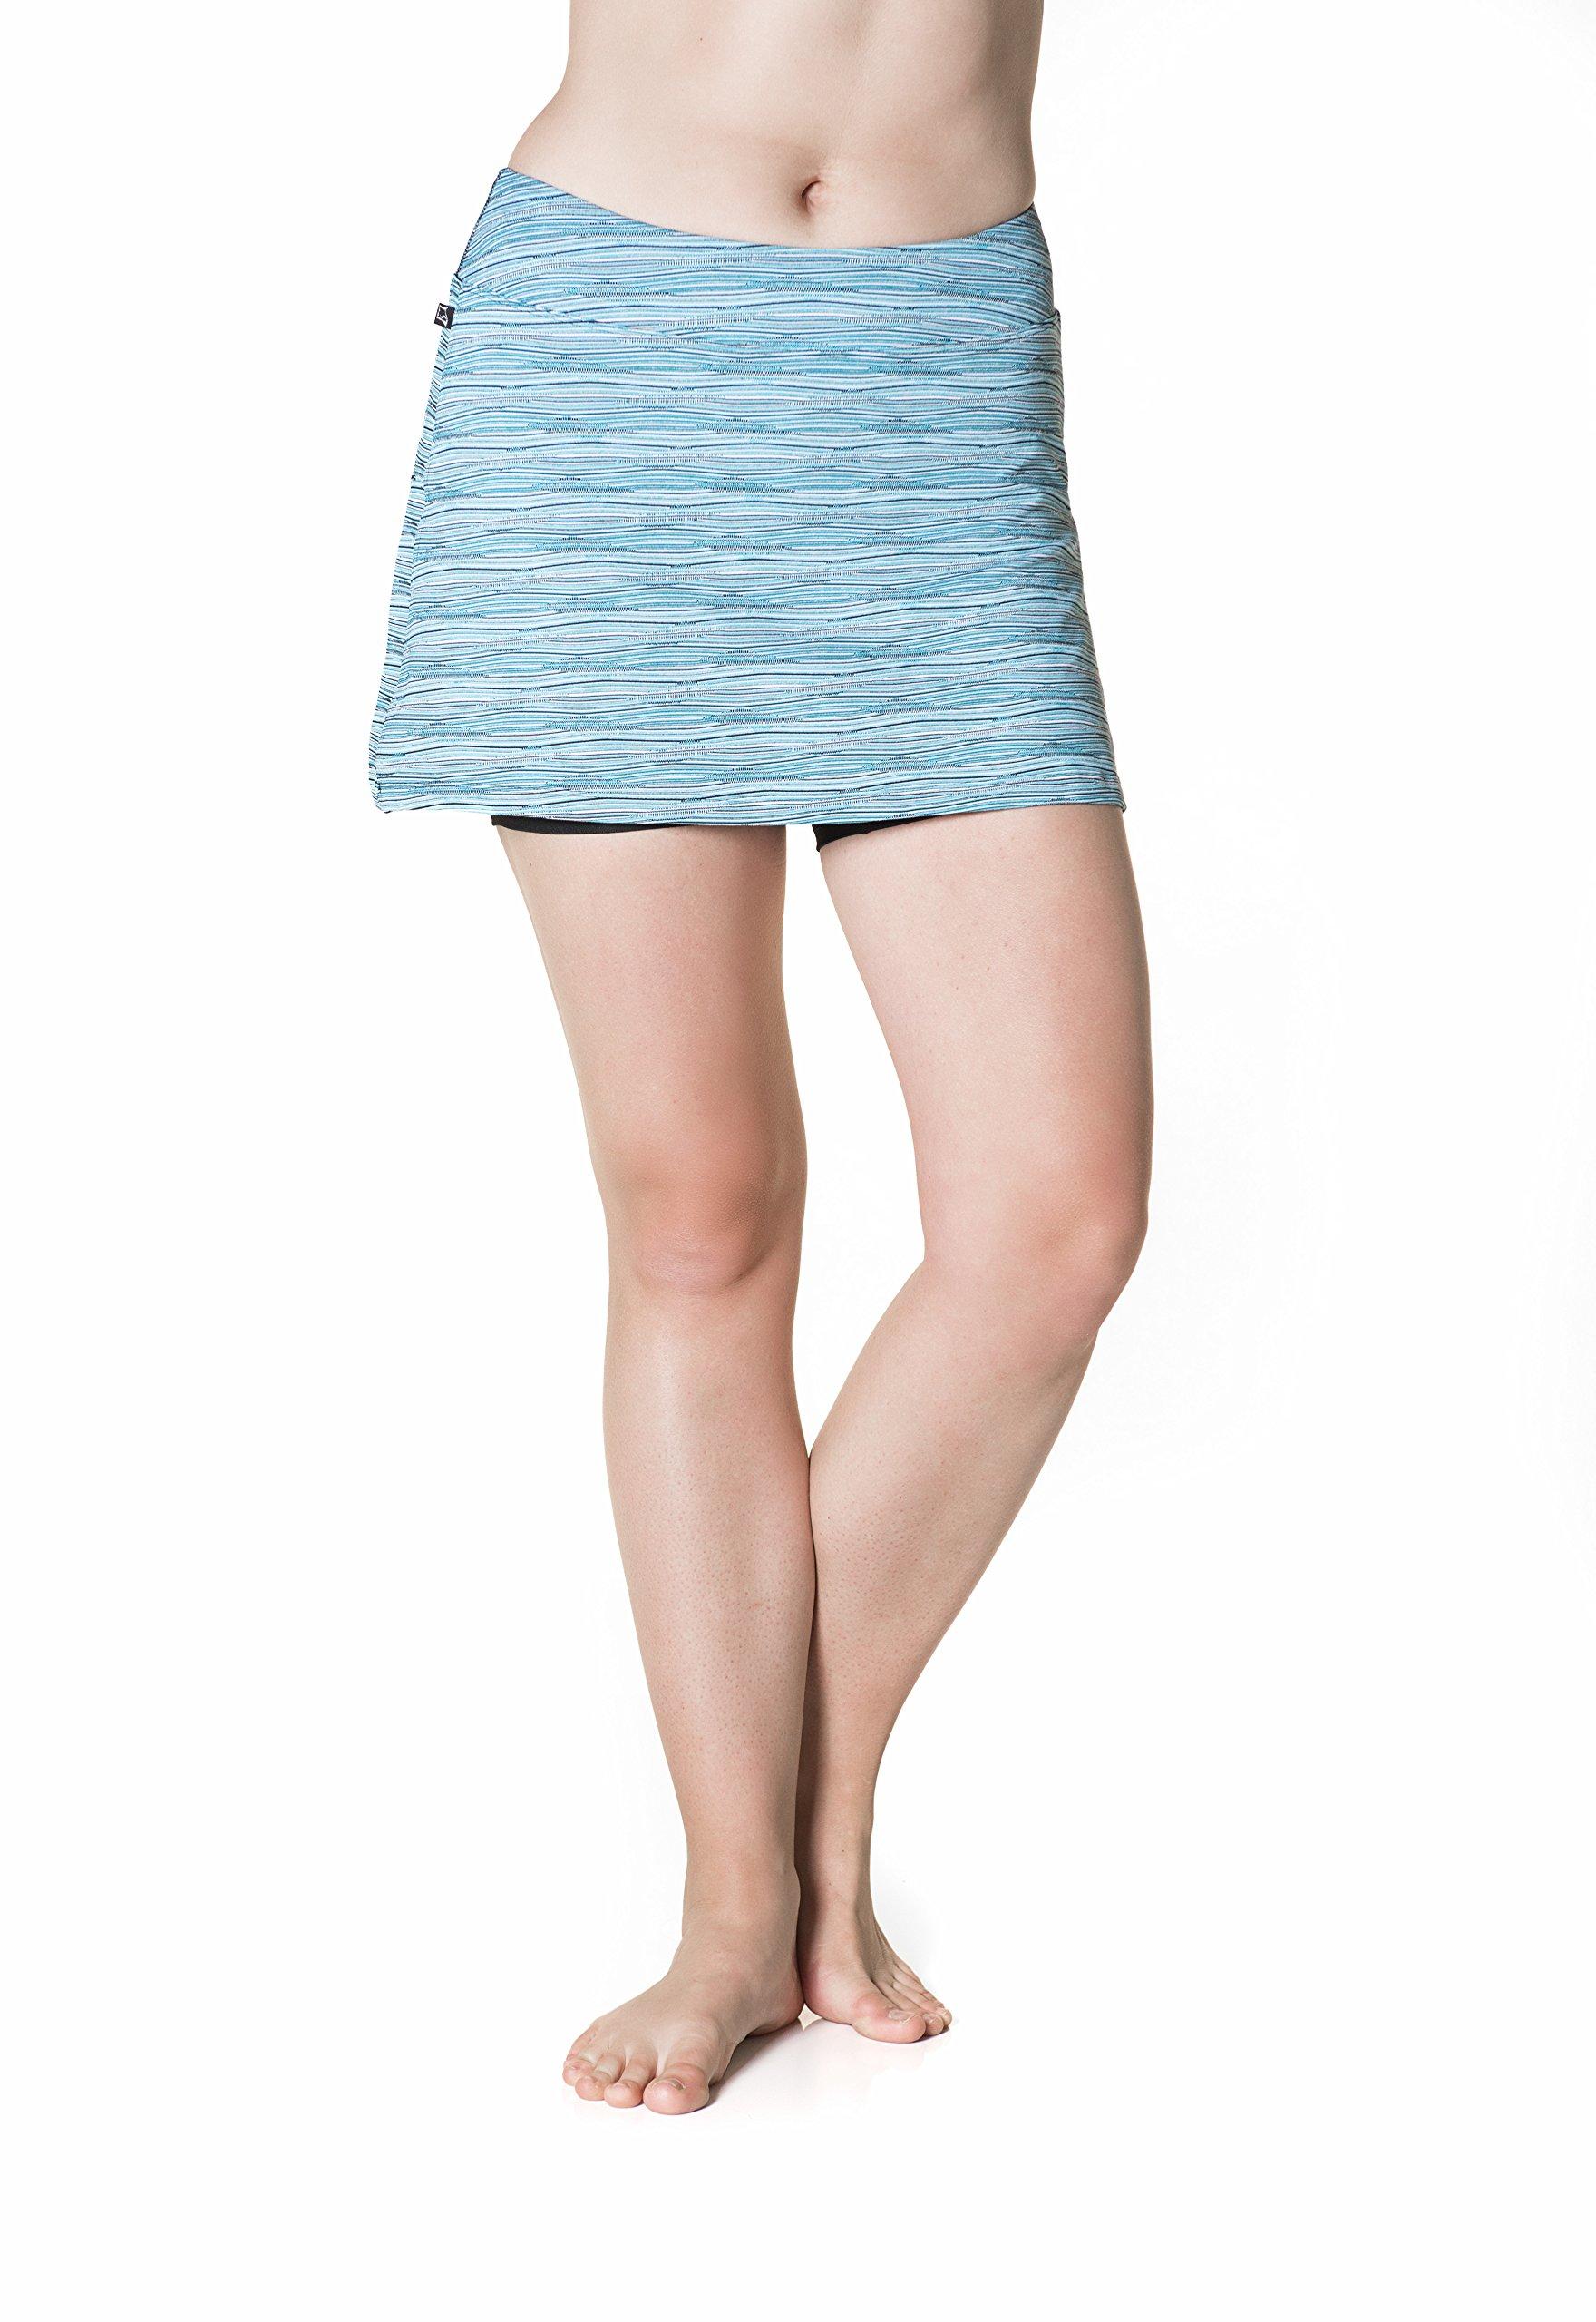 Skirt Sports Women's Gym Girl Ultra Skirt by Skirt Sports